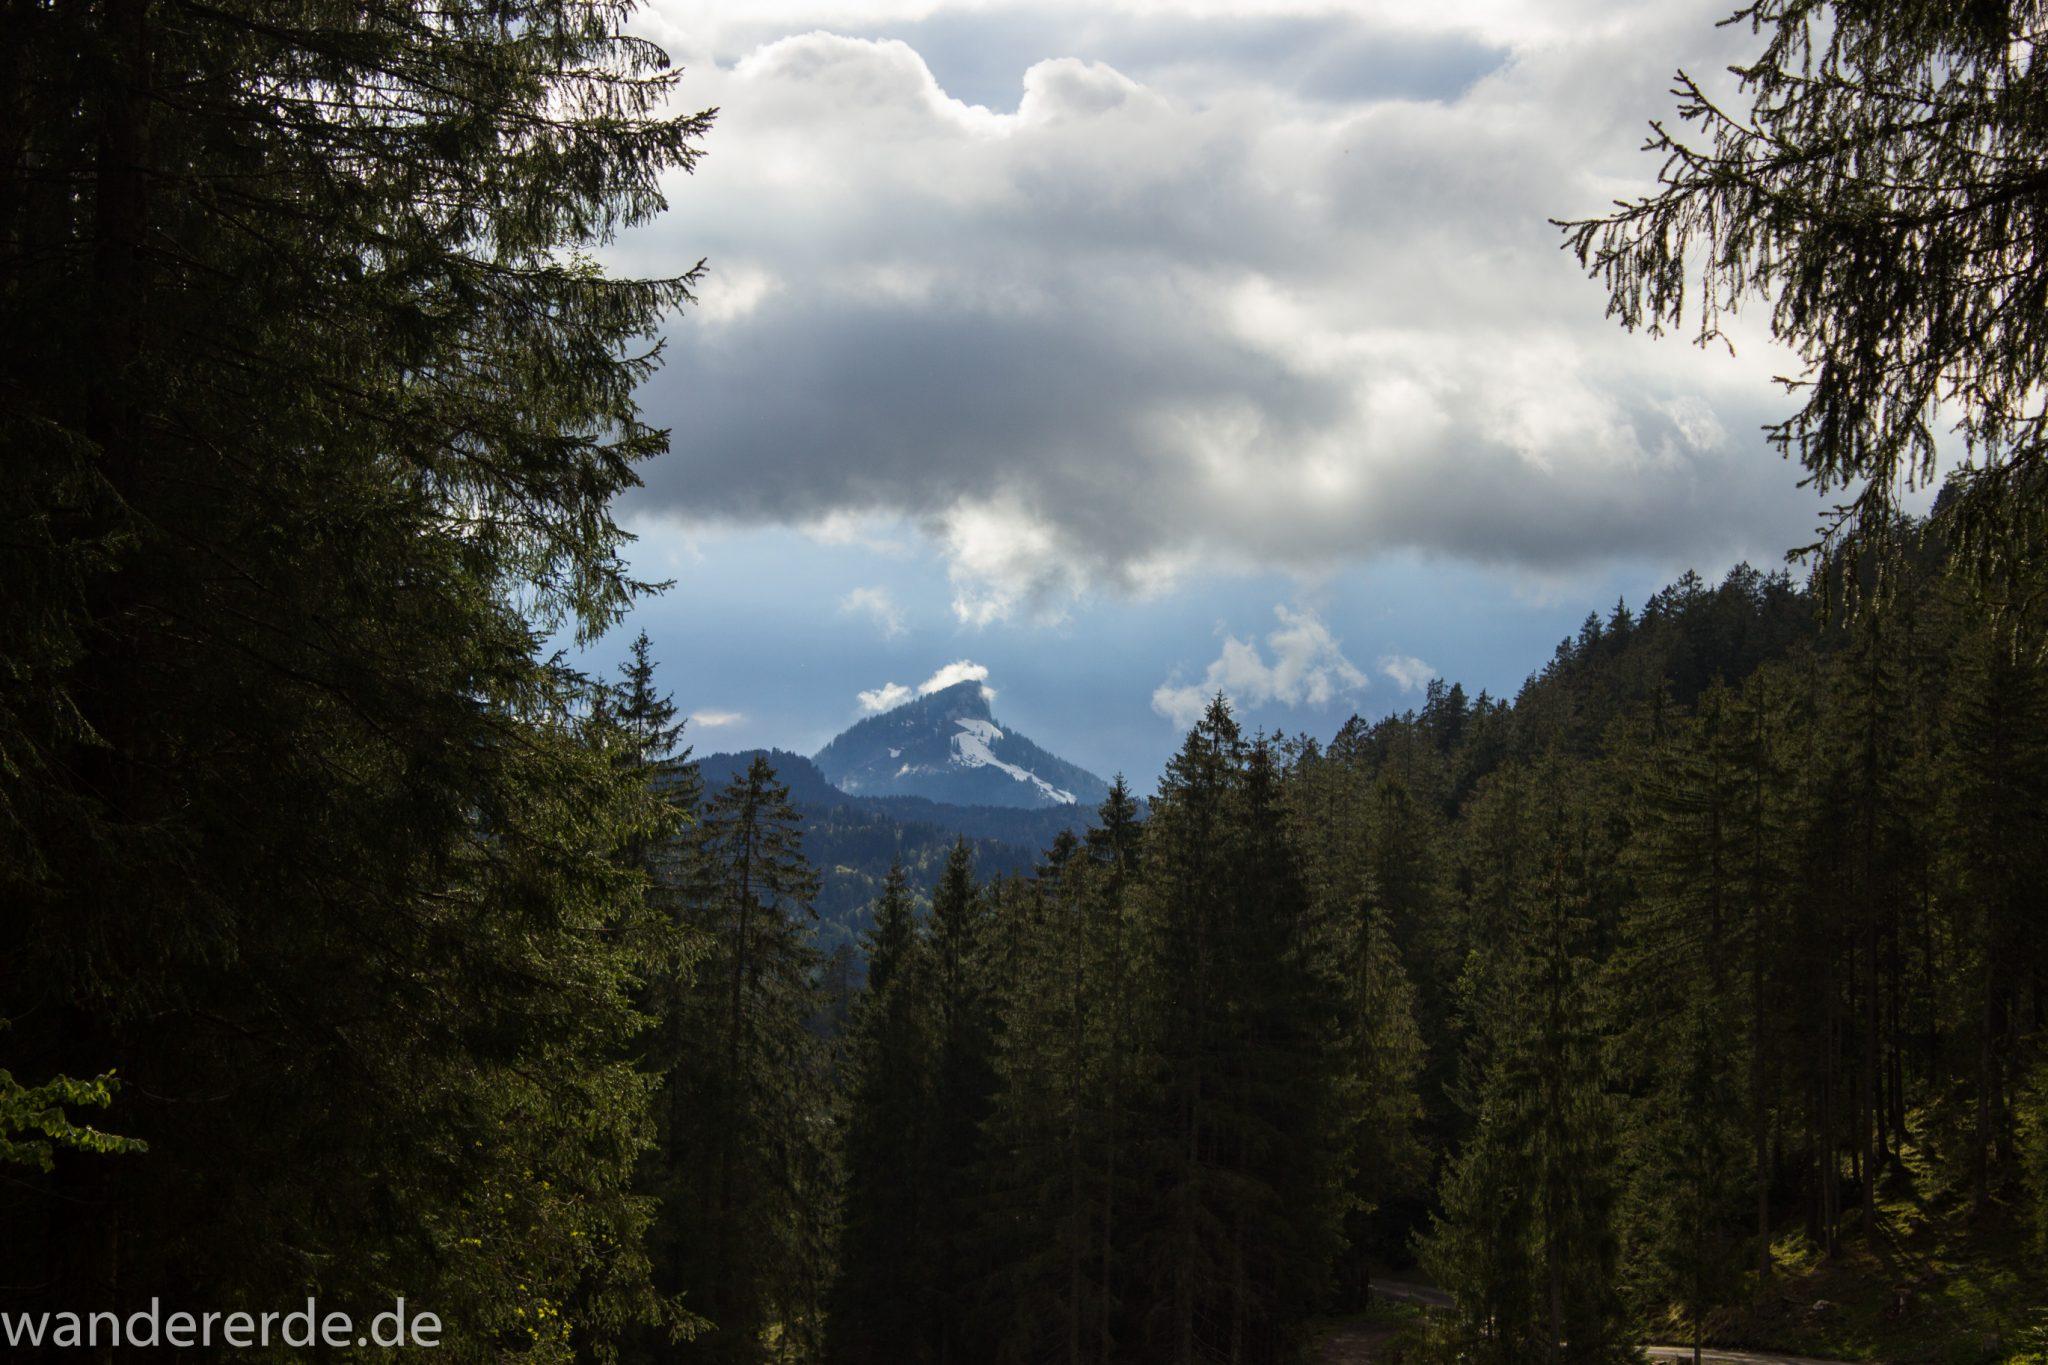 Wanderung im Oytal bei Oberstdorf im Allgäu, Bayern, schöner dichter und grüner Wald im Trettachtal Richtung Oberstdorf, sehr schöne Atmosphäre, Aussicht auf schneebedeckte Berge